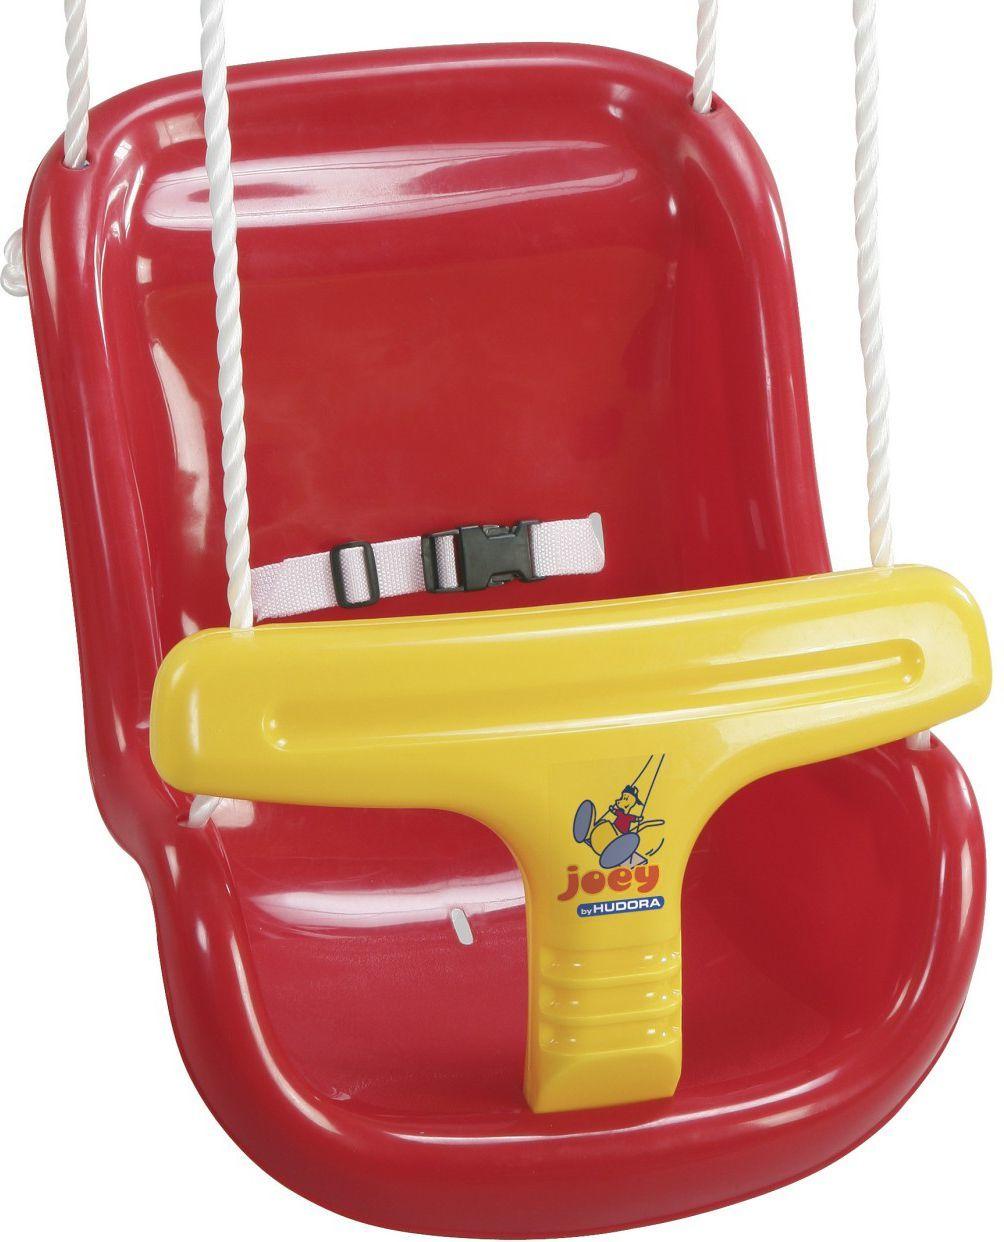 Huśtawka Hudora Baby high swing 72112 1